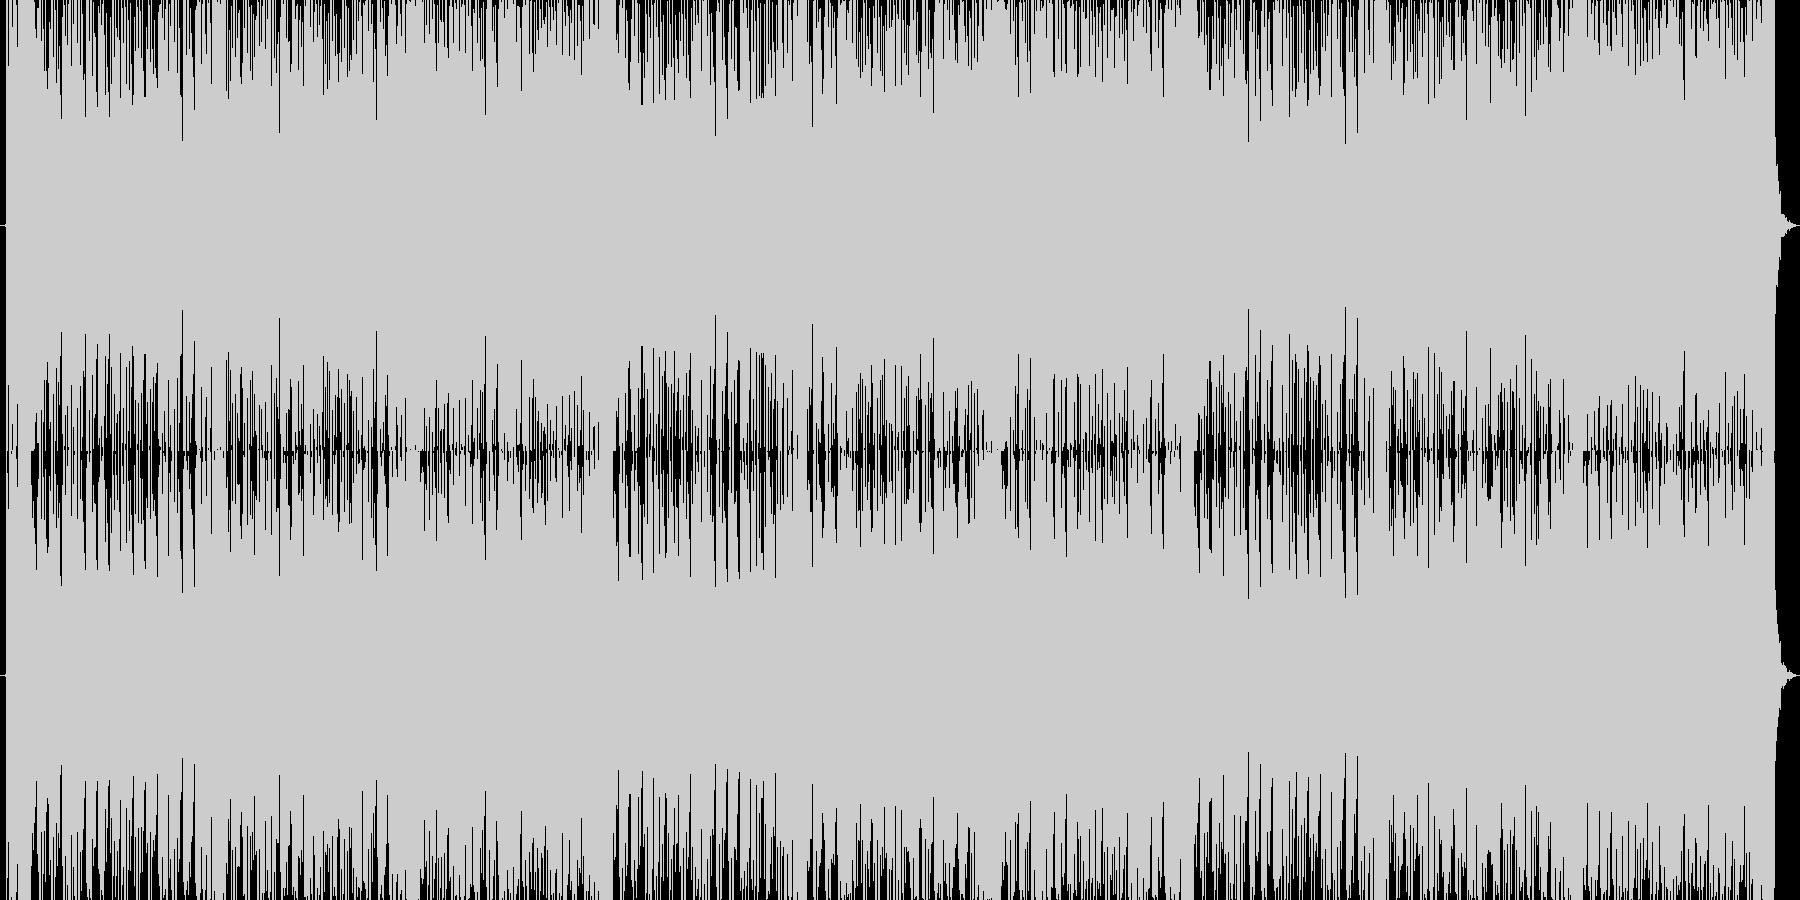 臨場感あふれるスリリングなバトルBGMの未再生の波形